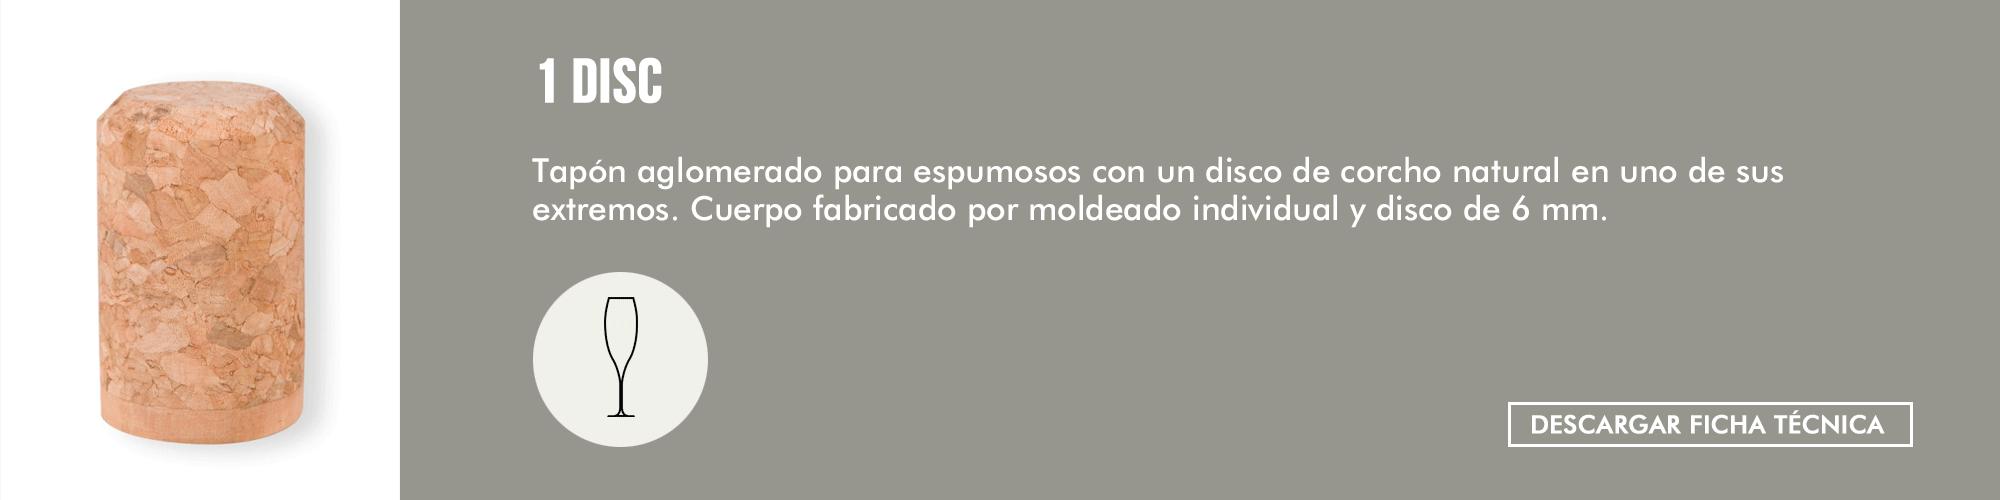 fitxa_1disc_esp.jpg